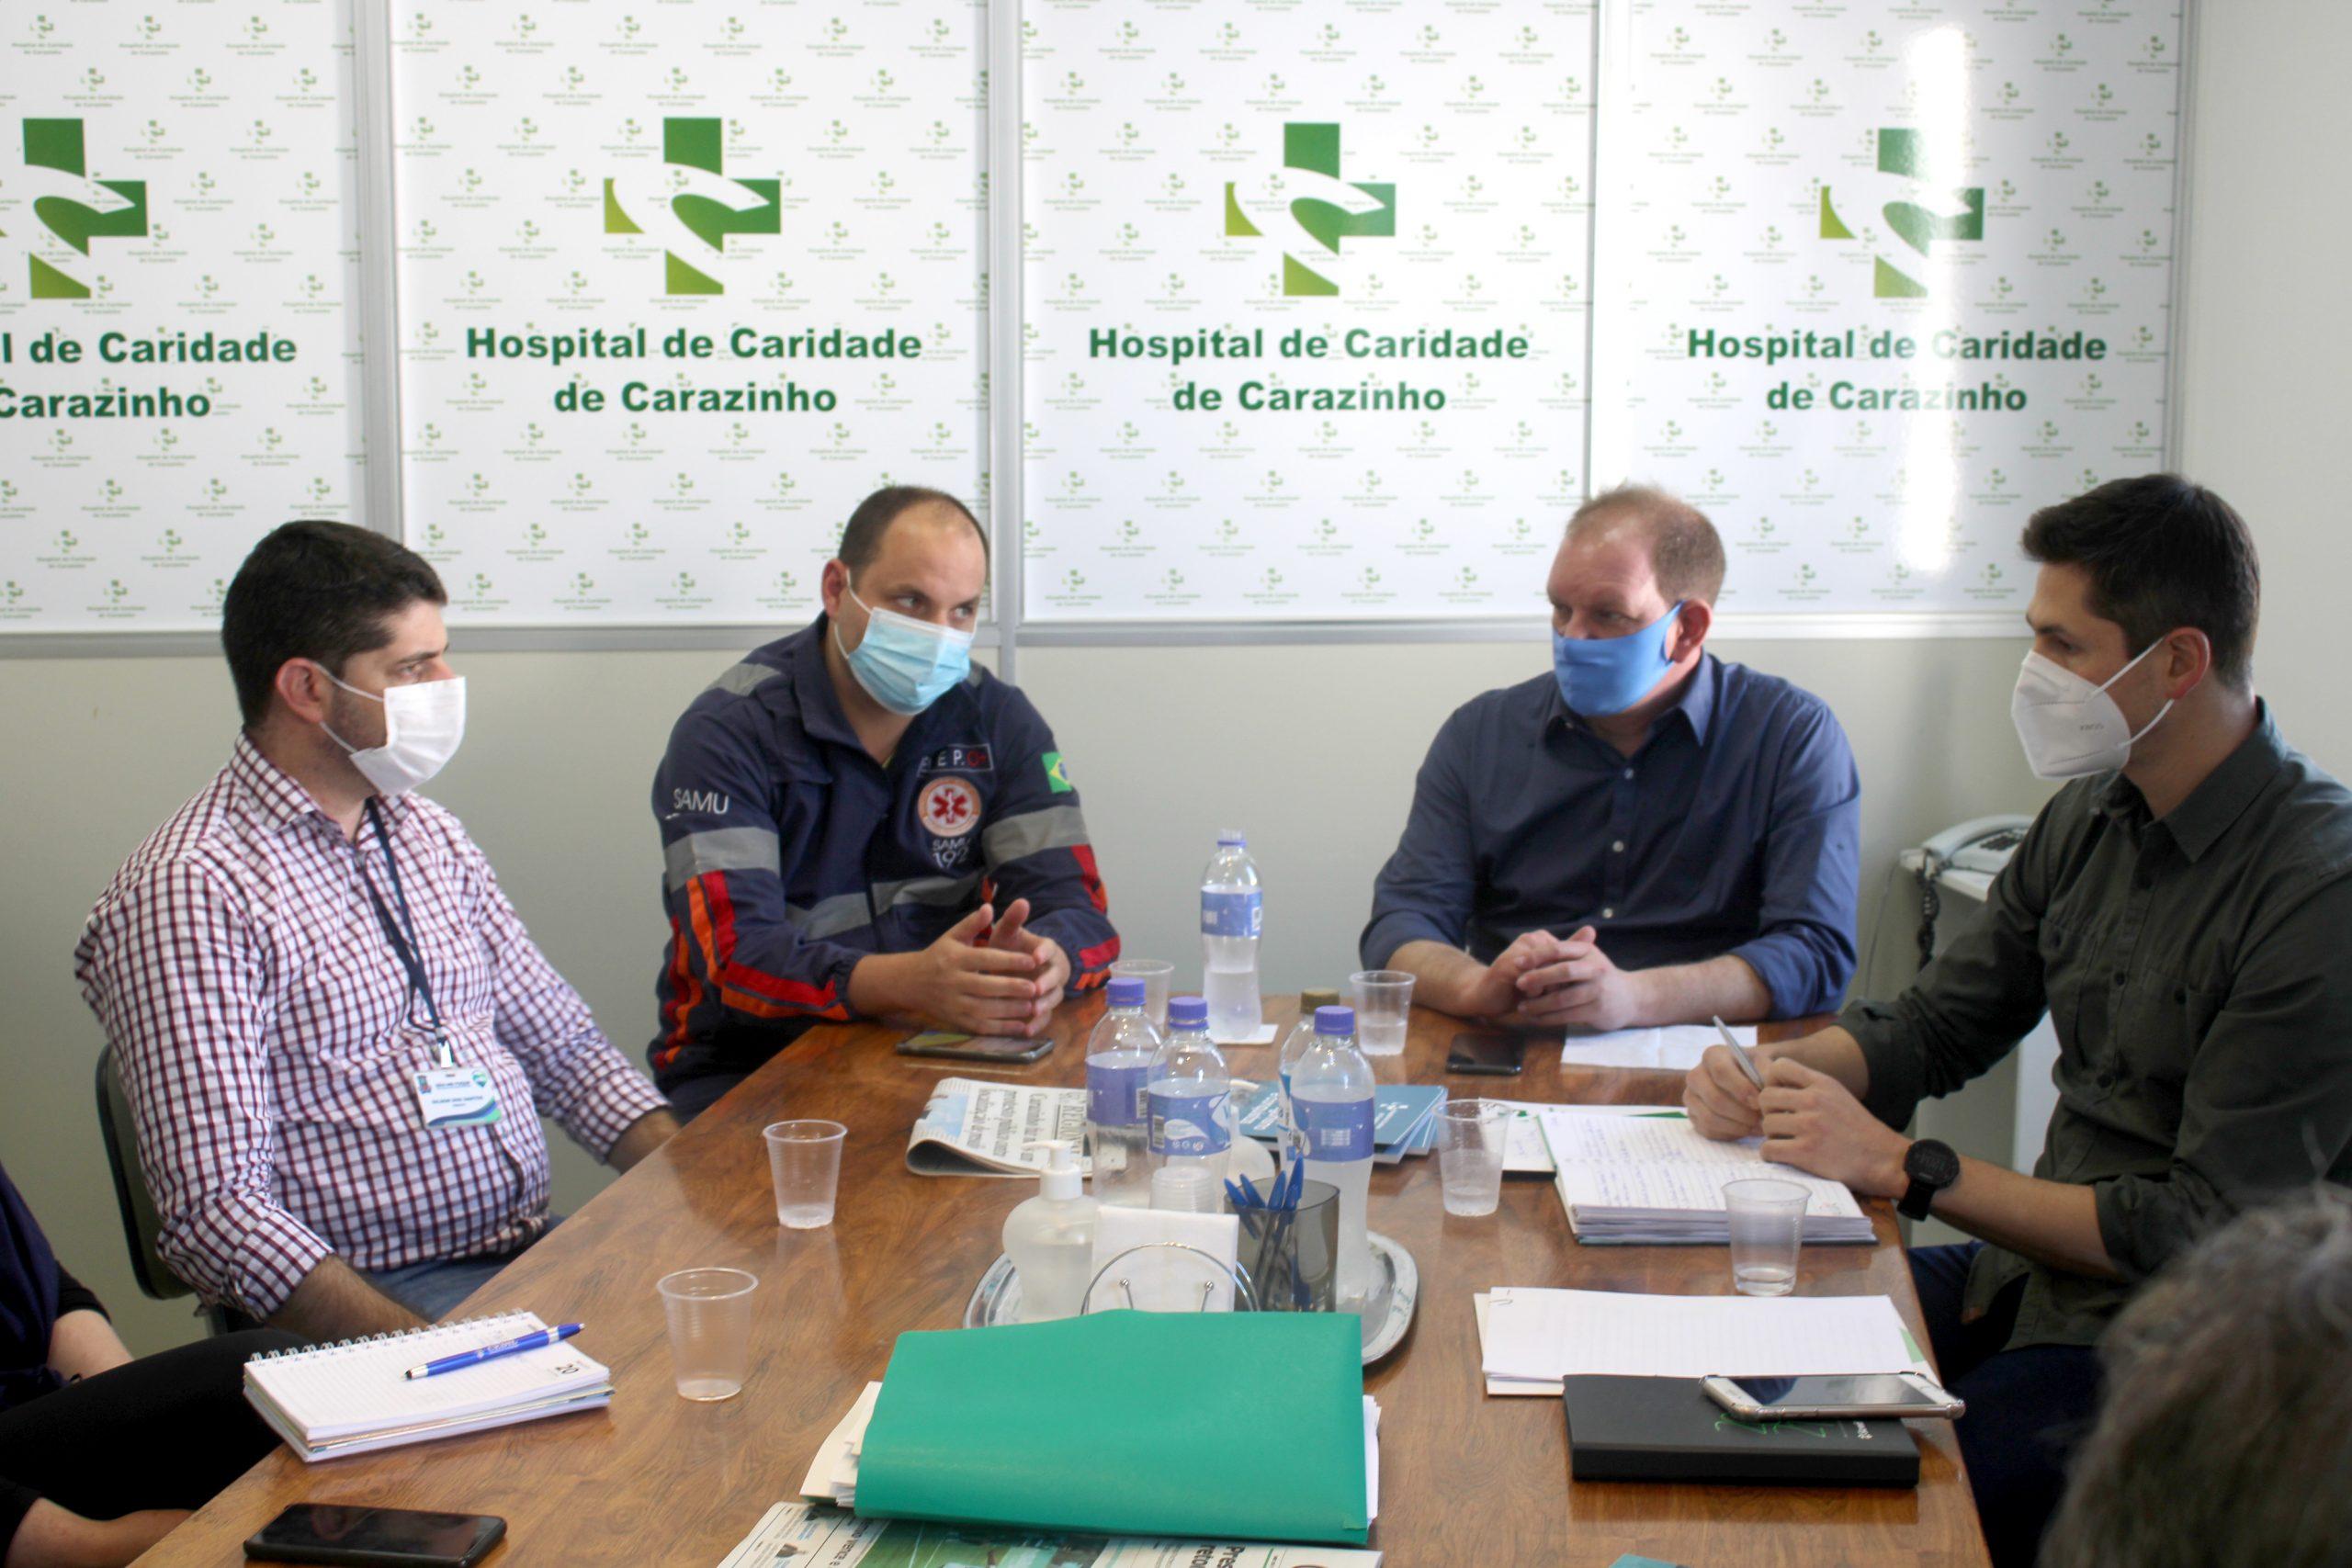 Hospital de Caridade de Carazinho recebe visita de autoridades de Não-Me-Toque